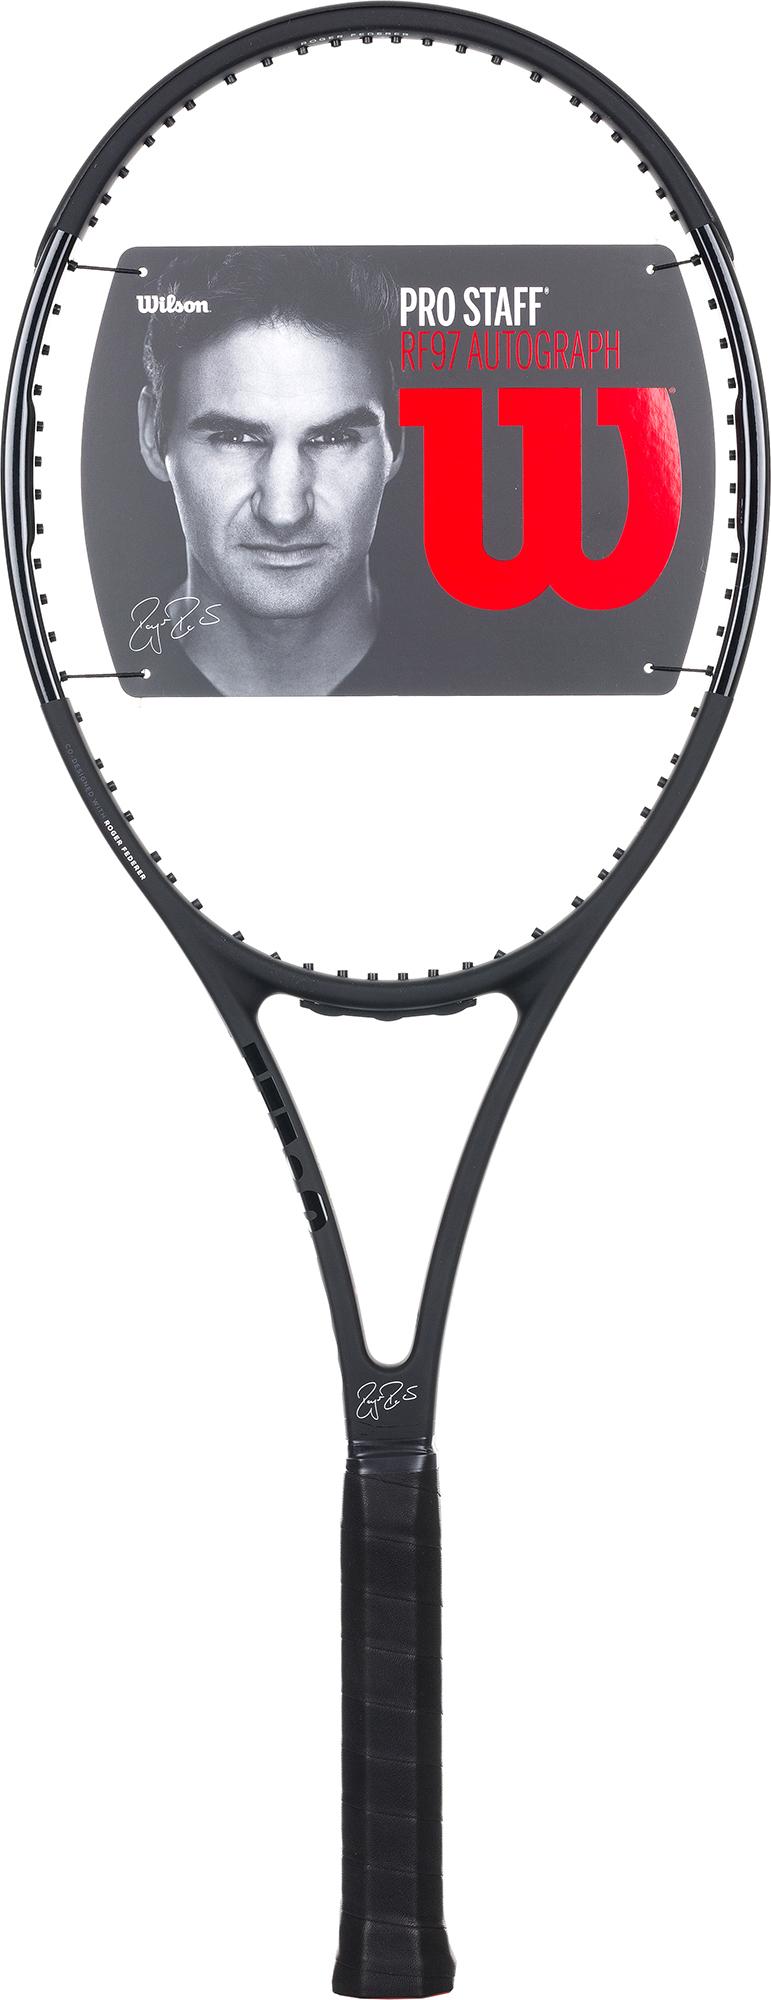 Wilson Ракетка для большого тенниса Wilson Pro Staff 97 Autograph, размер 3 wilson набор мячей для большого тенниса wilson australian open 3 ball can размер без размера